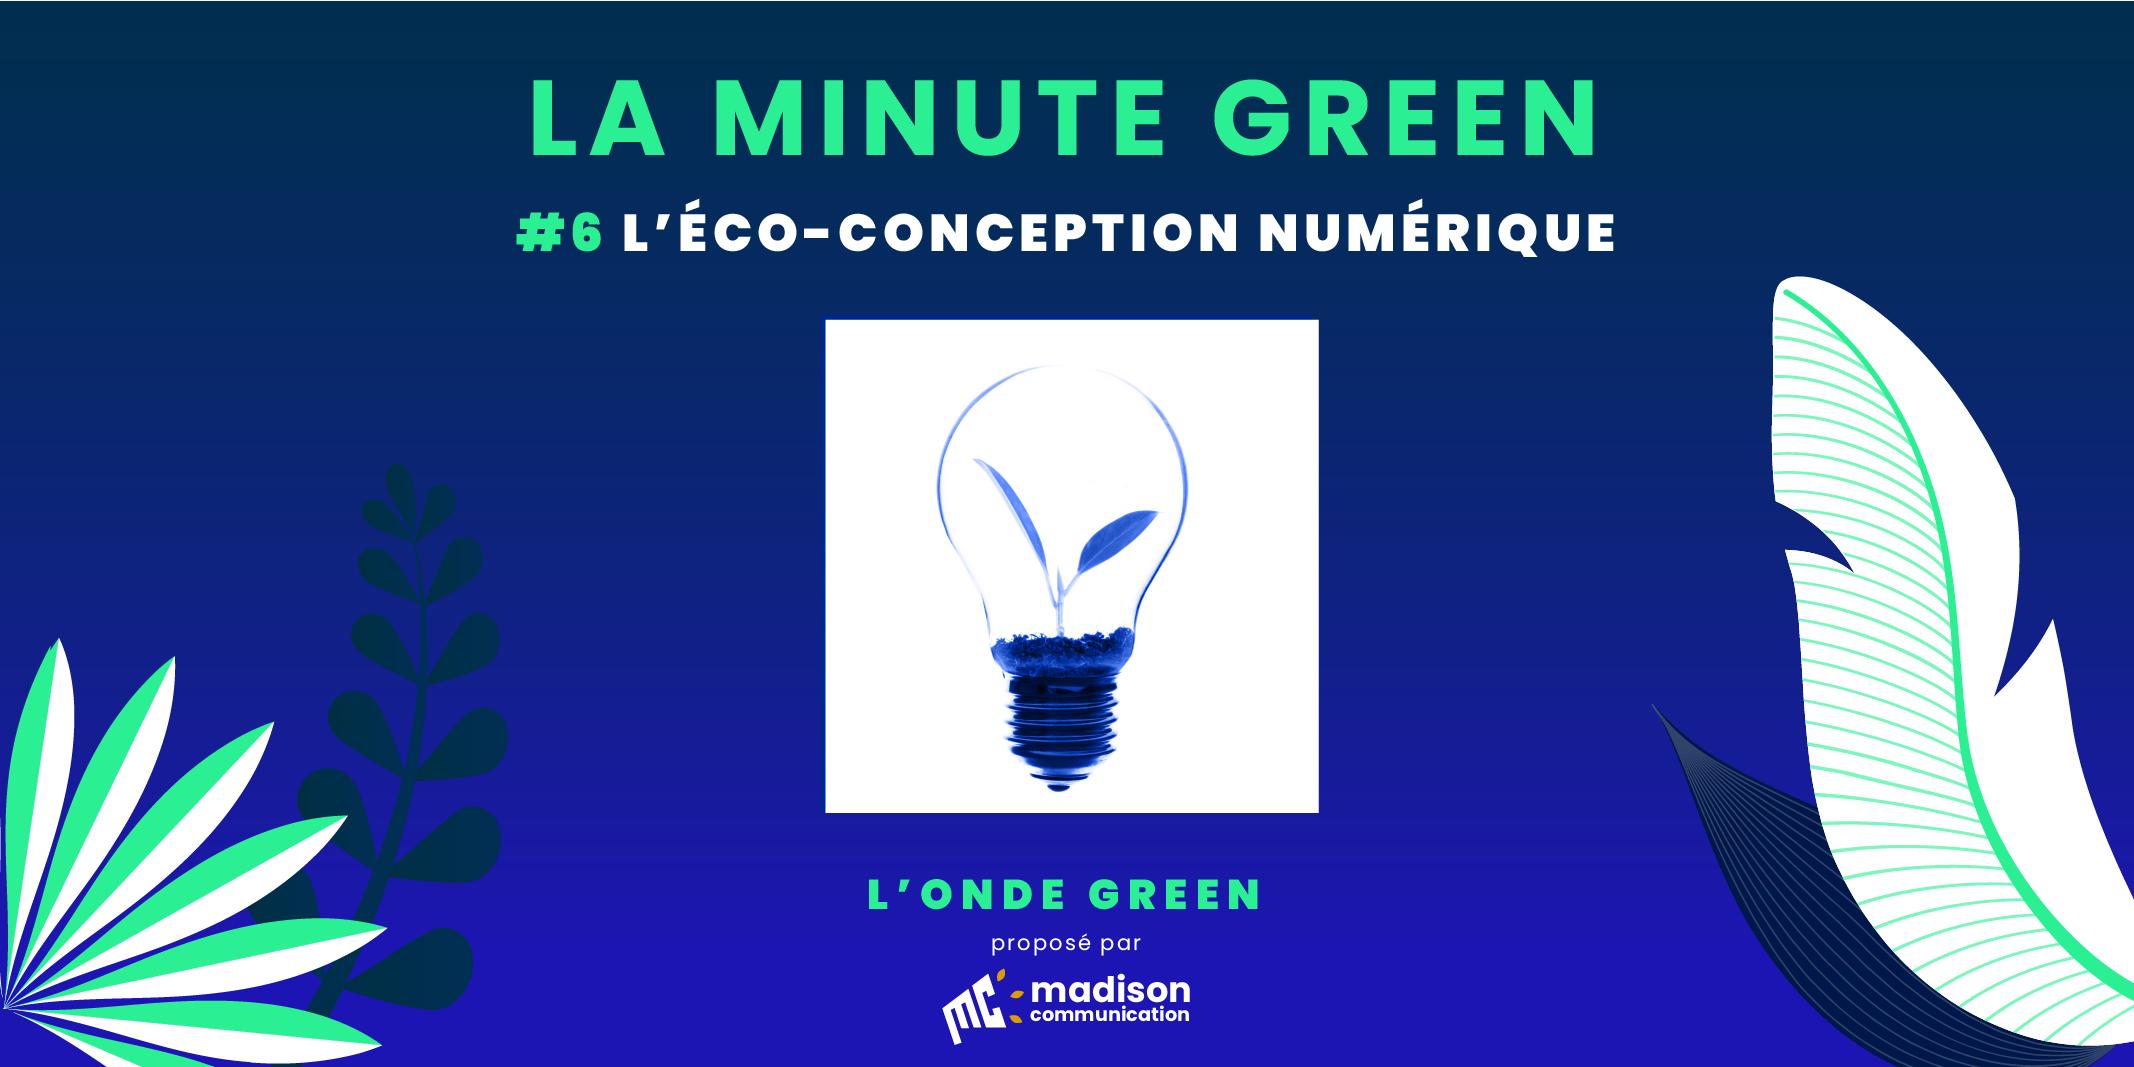 Podcast L'onde Green / Minute Green #6 – L'éco-conception numérique